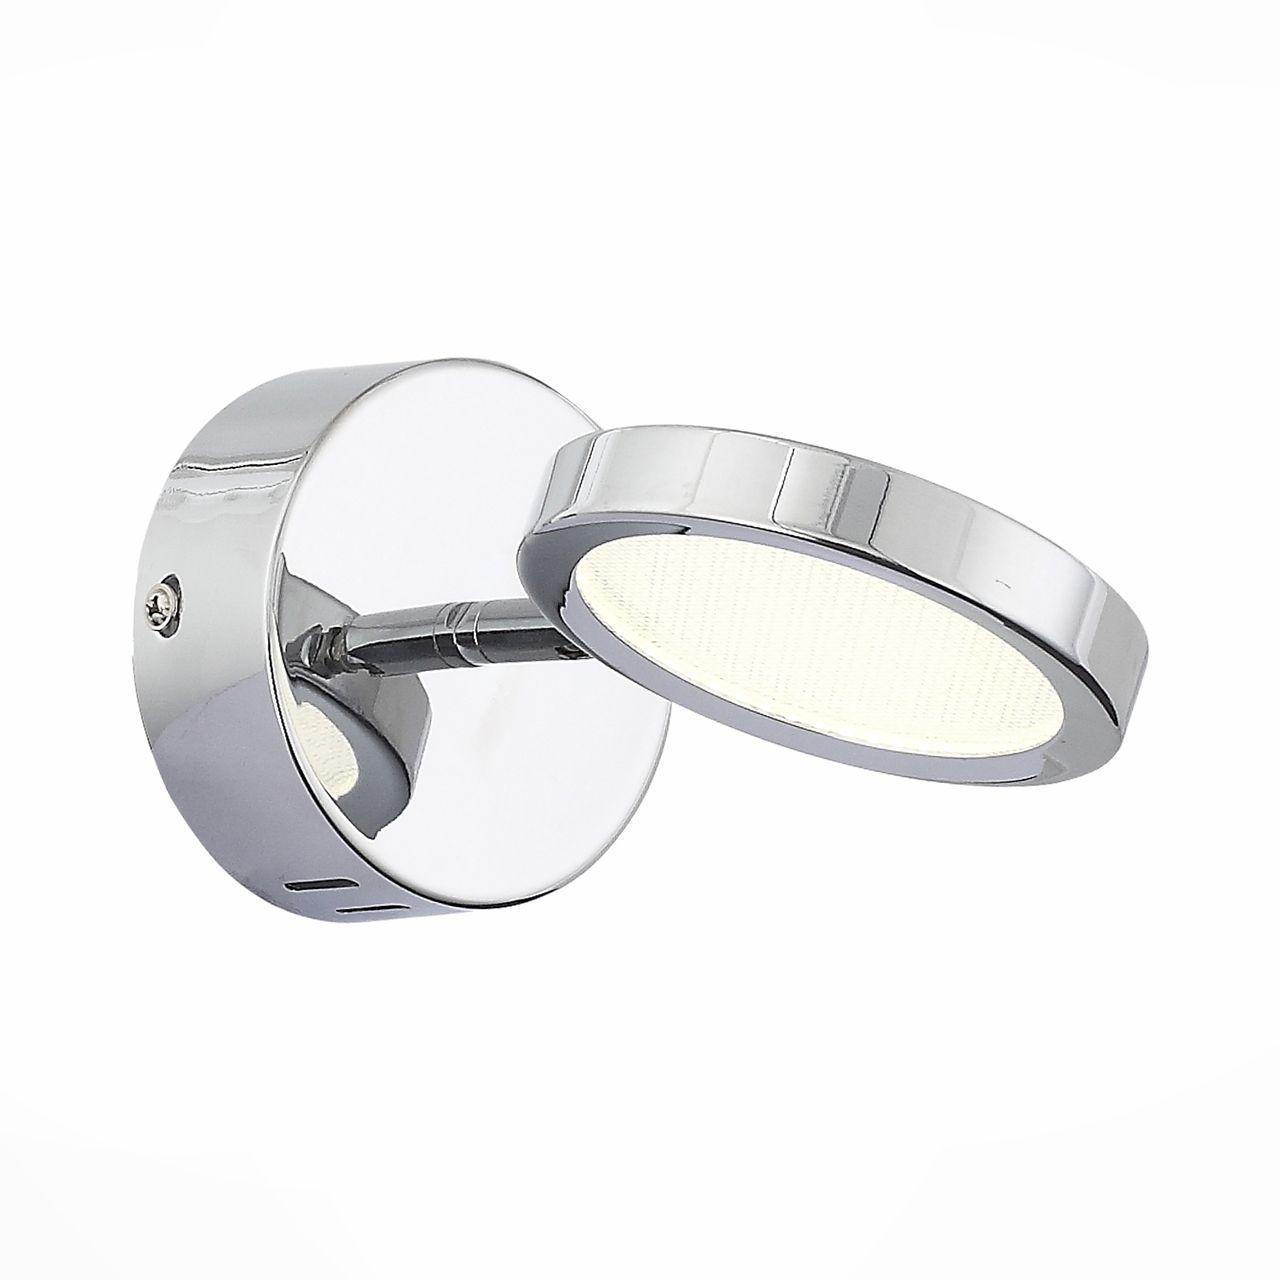 Светодиодный спот ST Luce Gruppo SL576.101.01 светодиодный спот st luce pratico sle120 101 01